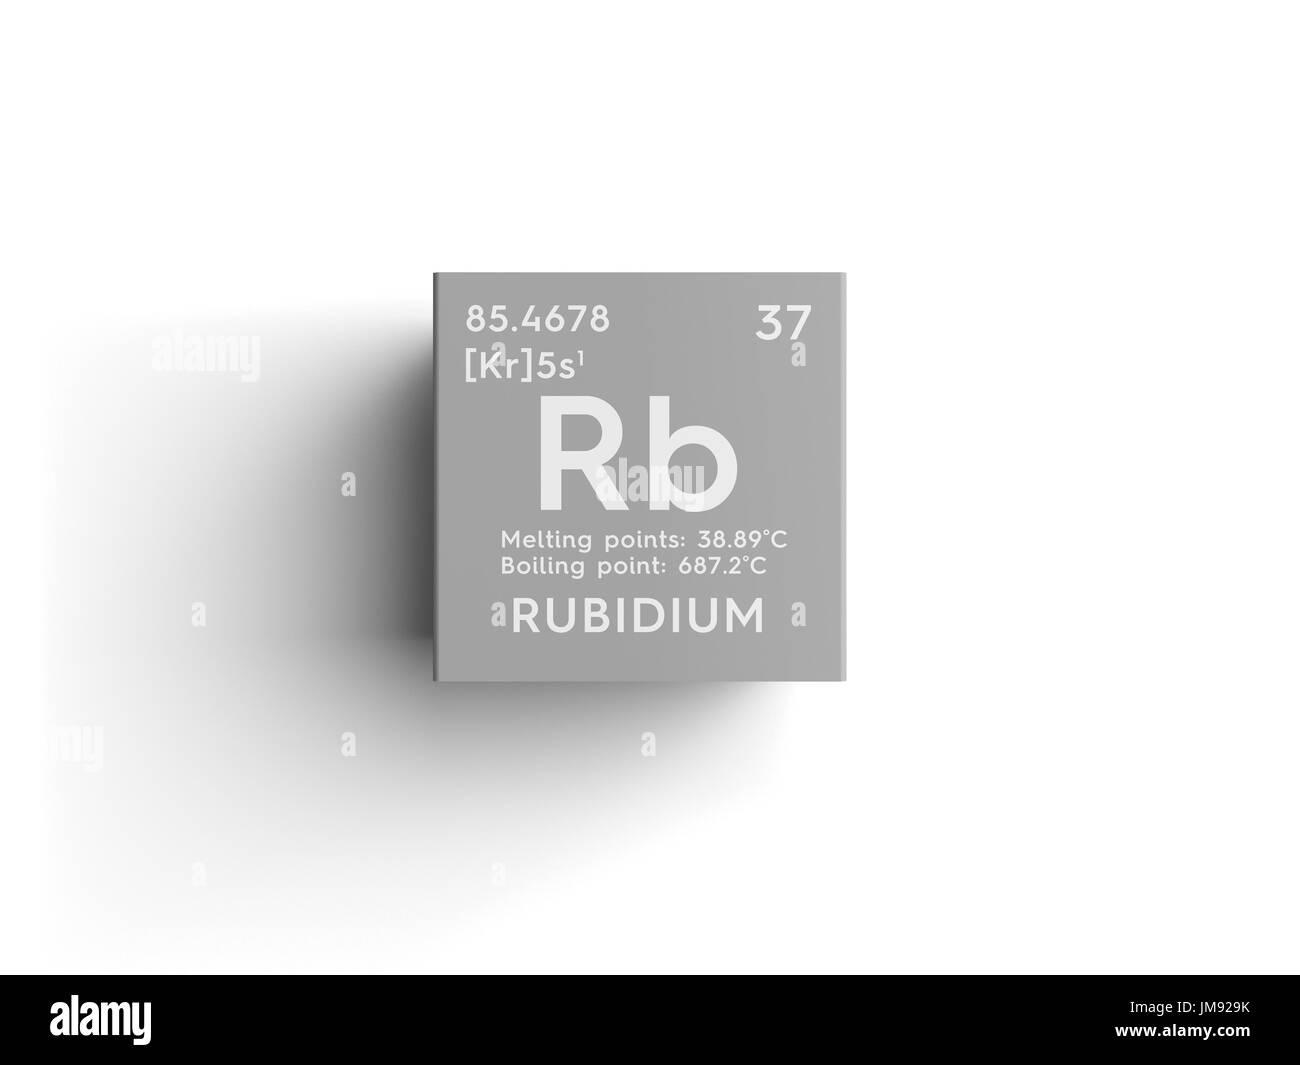 El rubidio metales alcalinos elemento qumico de la tabla el rubidio metales alcalinos elemento qumico de la tabla peridica de mendeleyev el rubidio en square cube concepto creativo urtaz Image collections